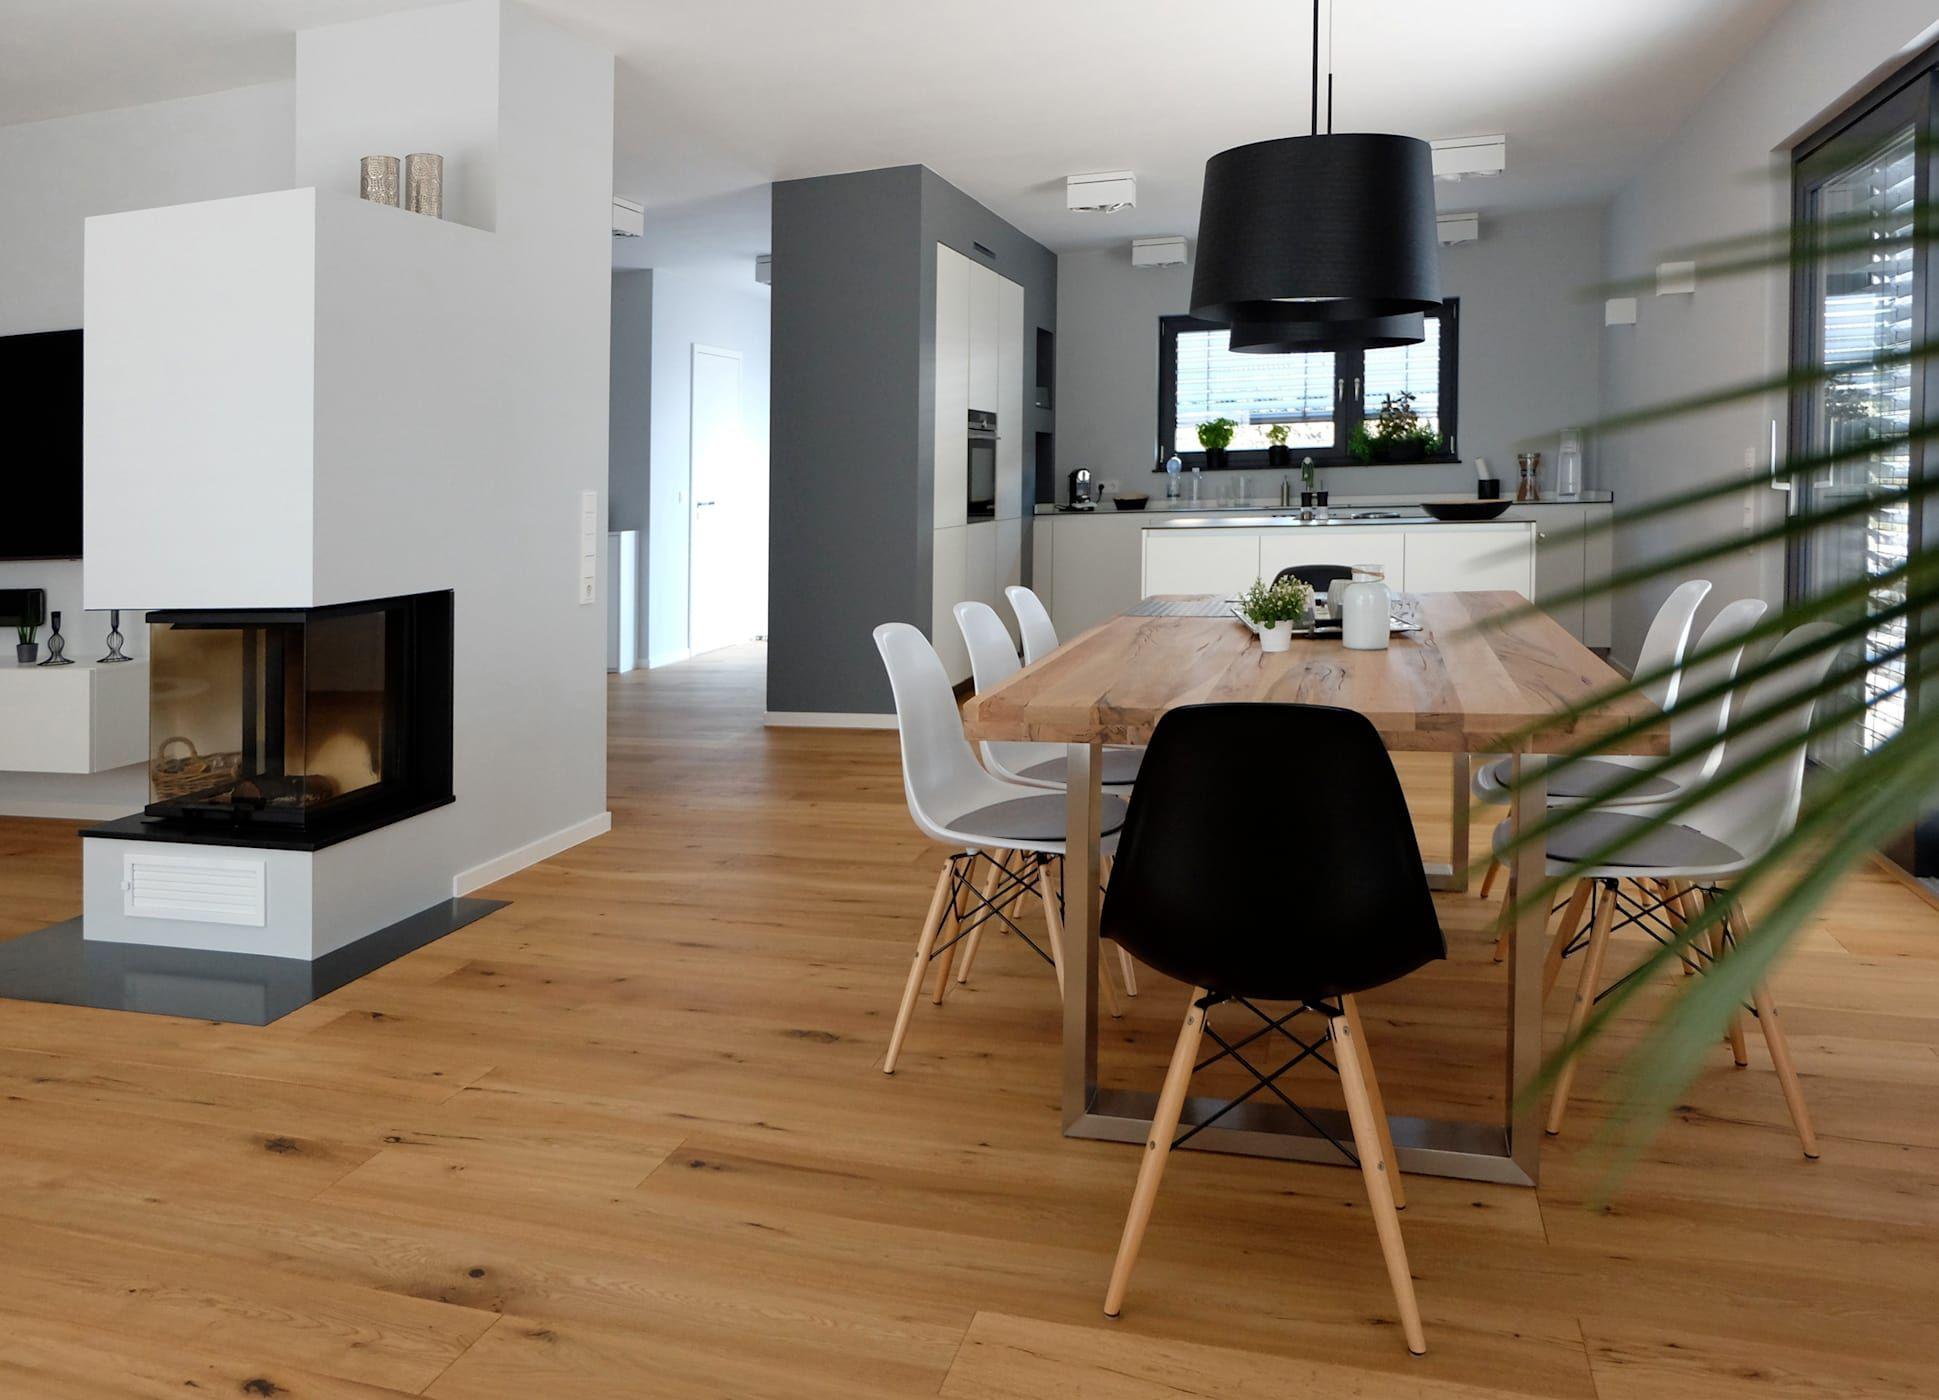 Offenes wohnen im eg moderne esszimmer von resonator coop architektur + design modern | homify #modernfarmhousestyle